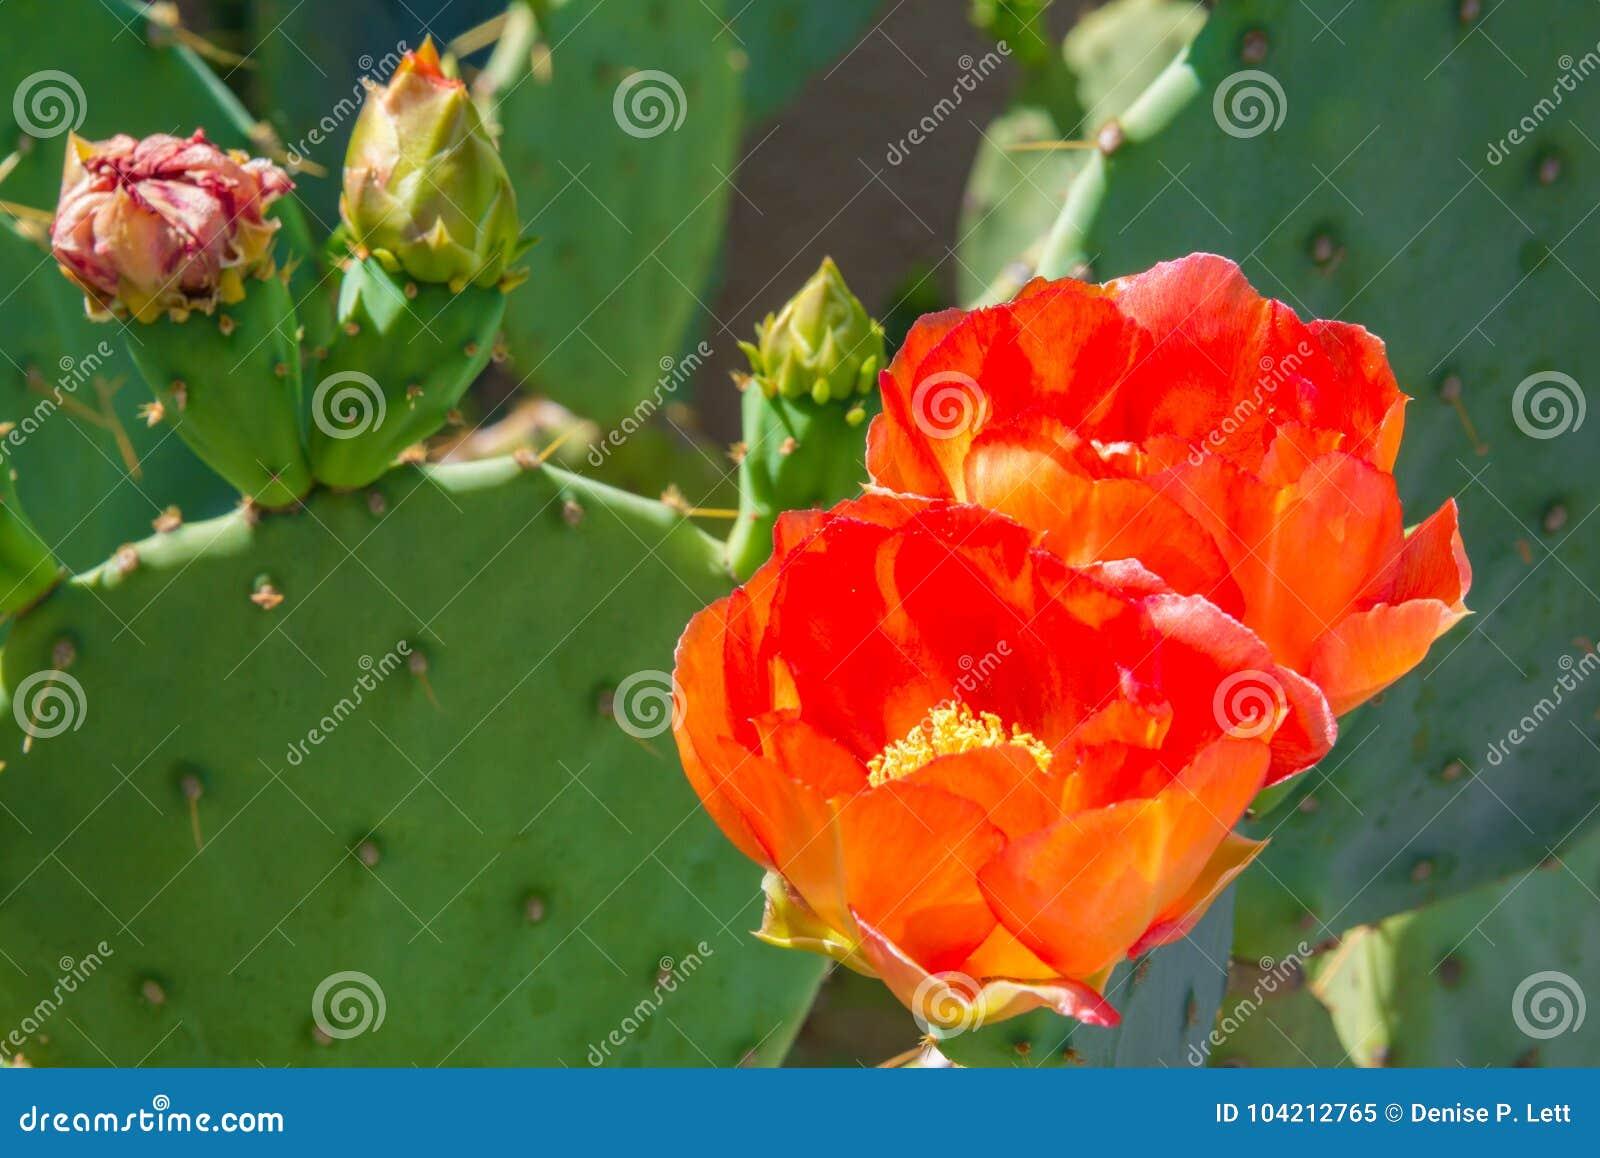 Kaktusapelsinen för det taggiga päronet blommar och slår ut